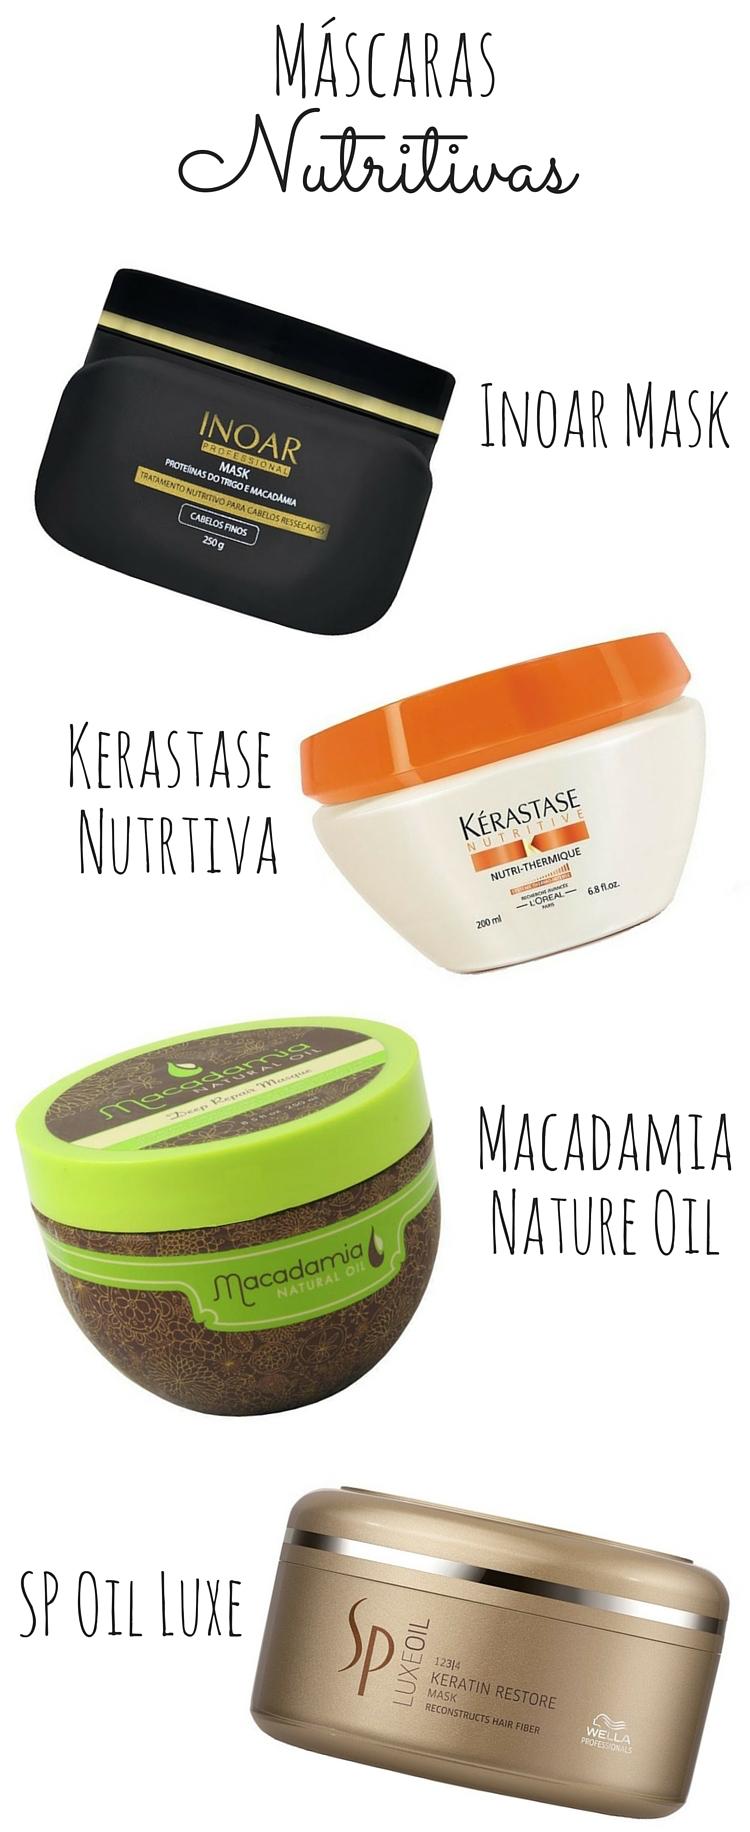 Máscaras -nutritivas-nutri-nutritive-mask-oil-macadamia